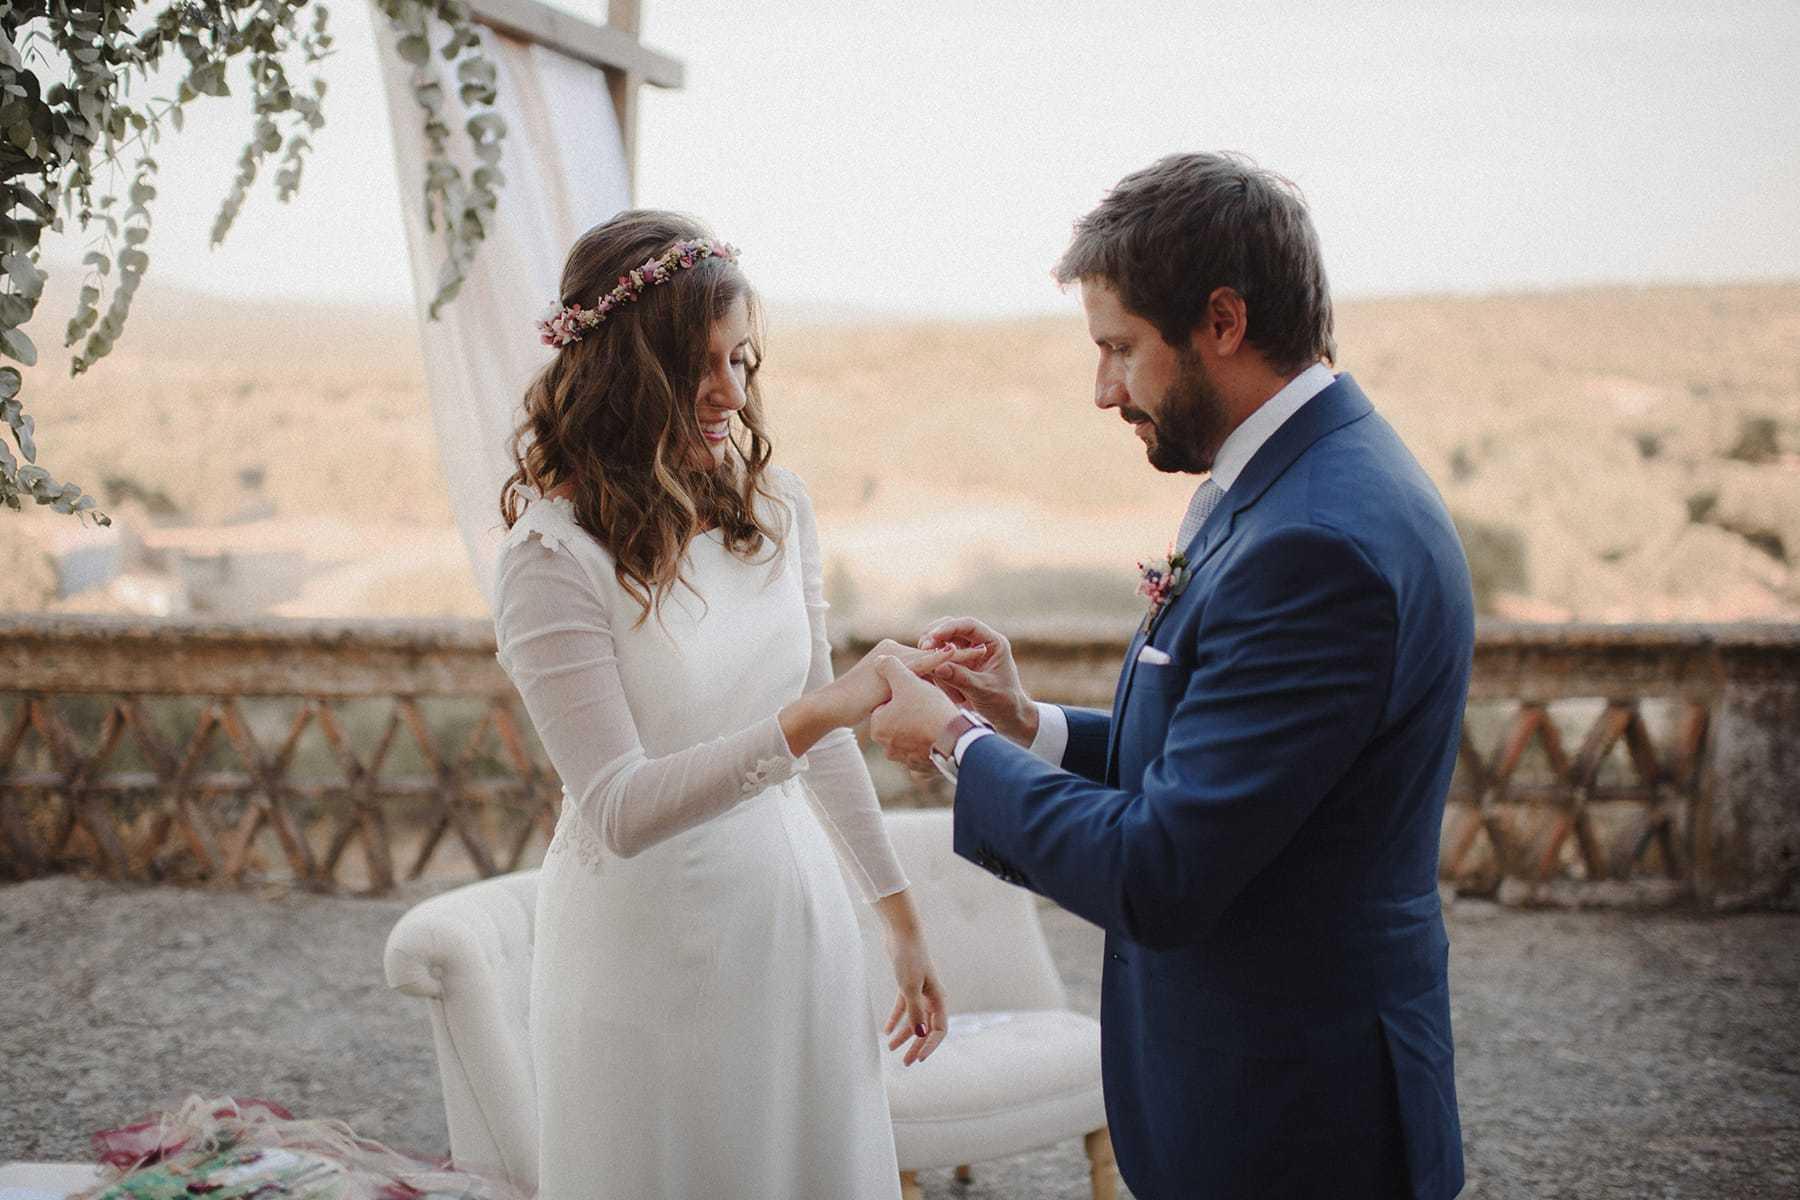 Novio poniendo el anillo de compromiso a la novia